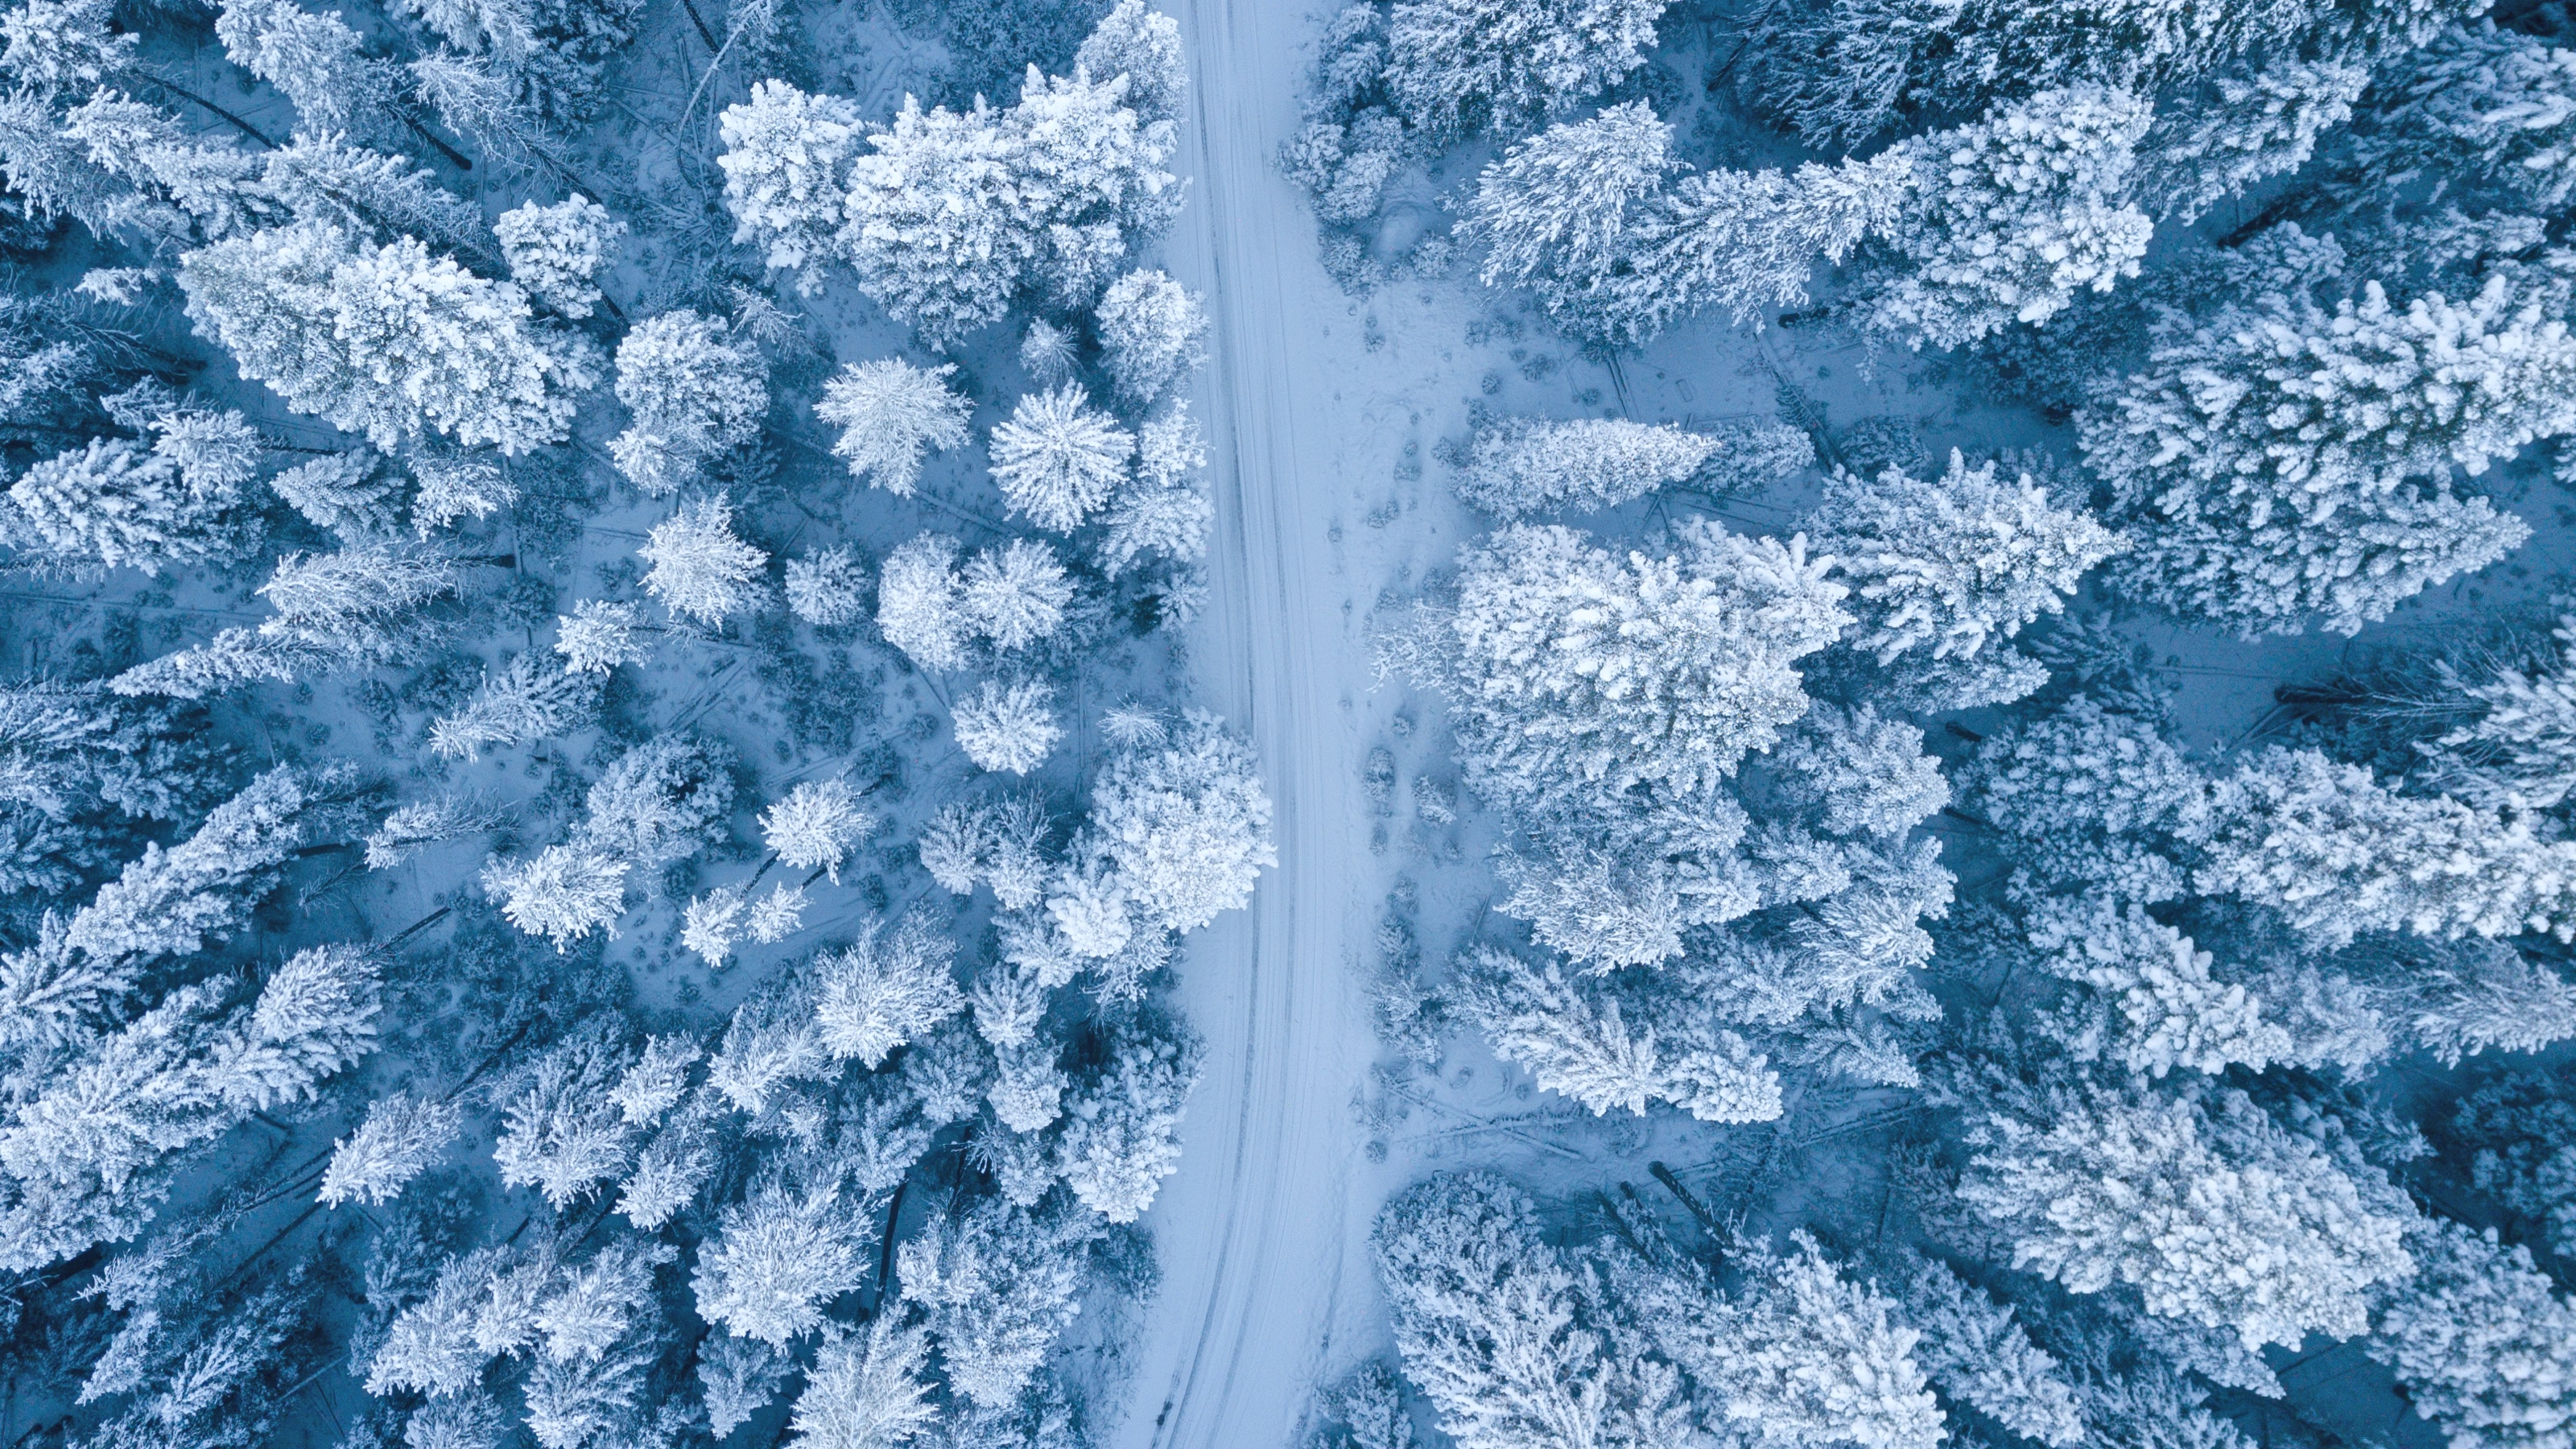 Comment faire de belles photos de l'hiver ?